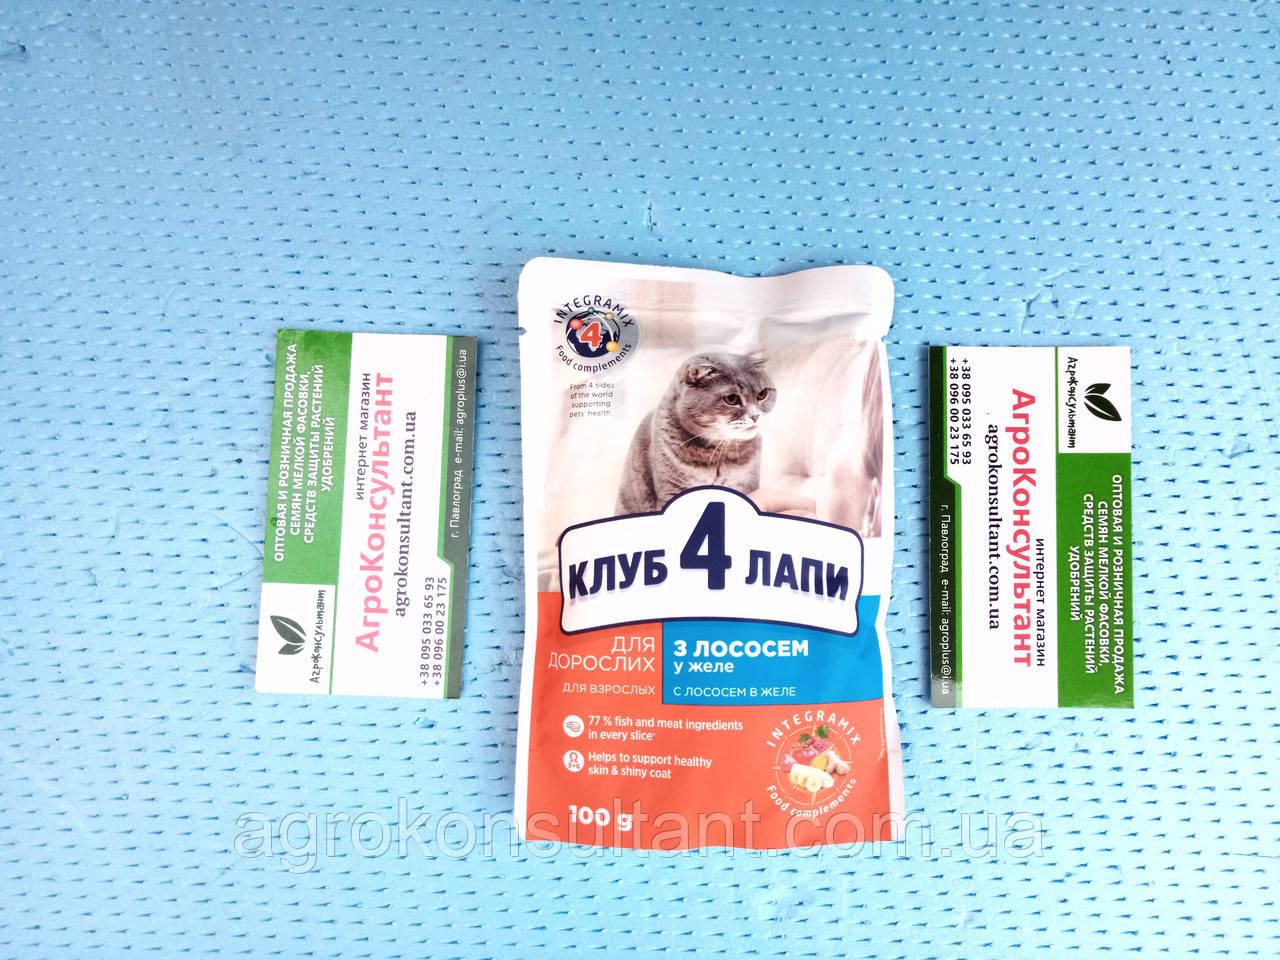 Влажный корм для котов Клуб 4 лапы с лососем 100 г.